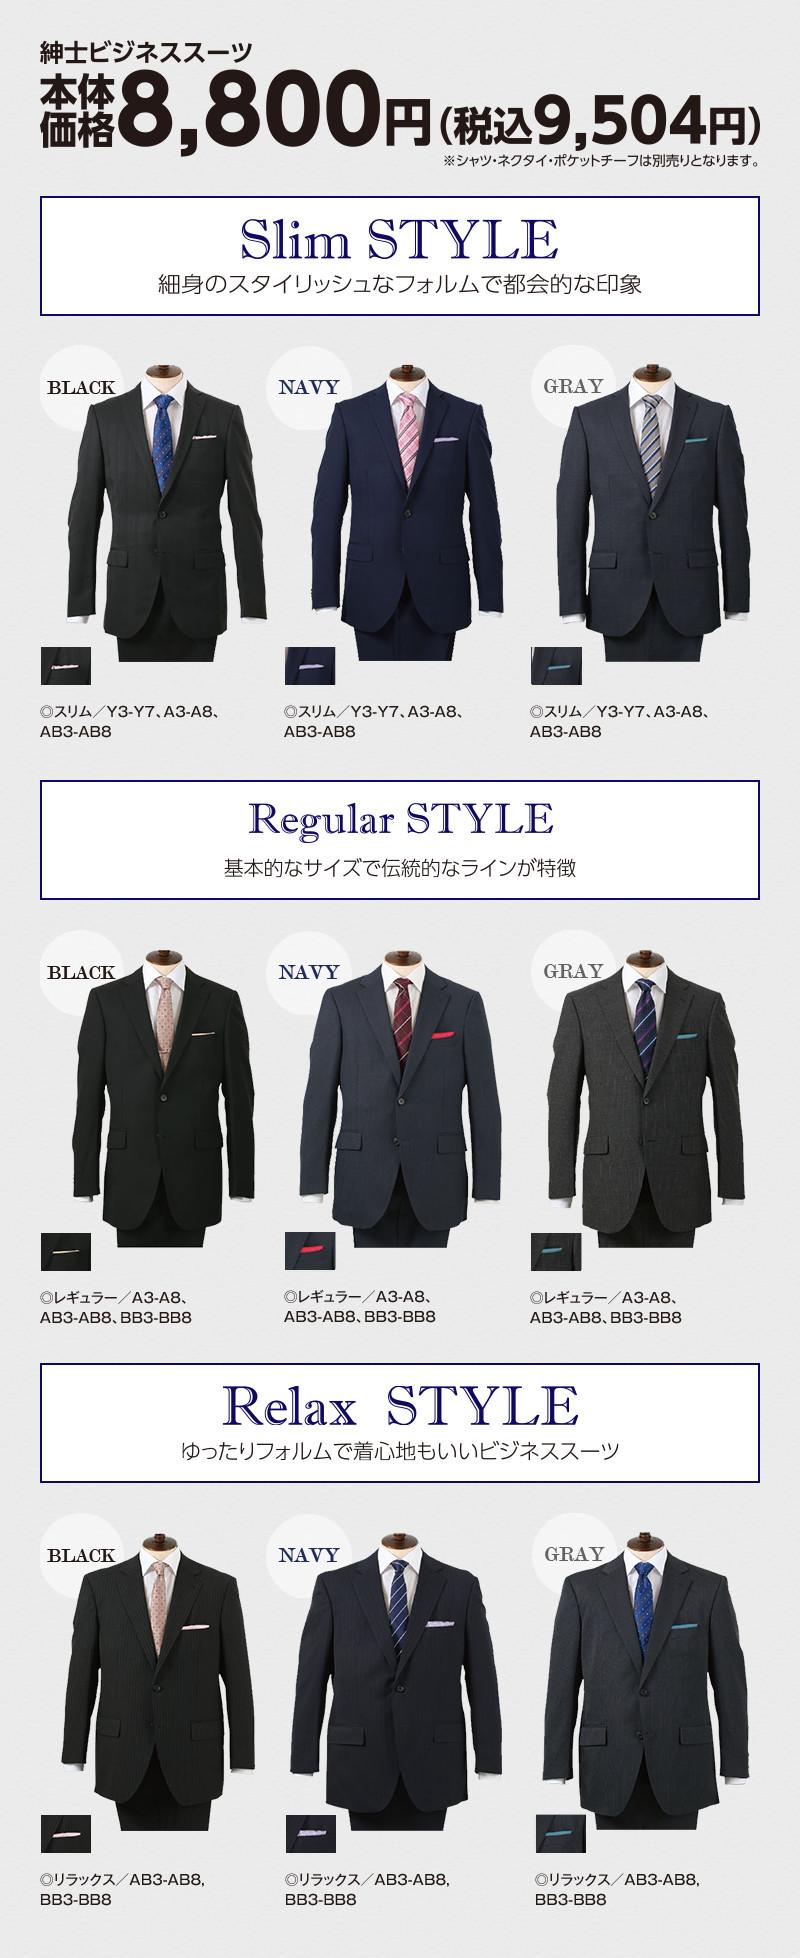 紳士ビジネススーツ 本体価格8,800円(税込9,504円)